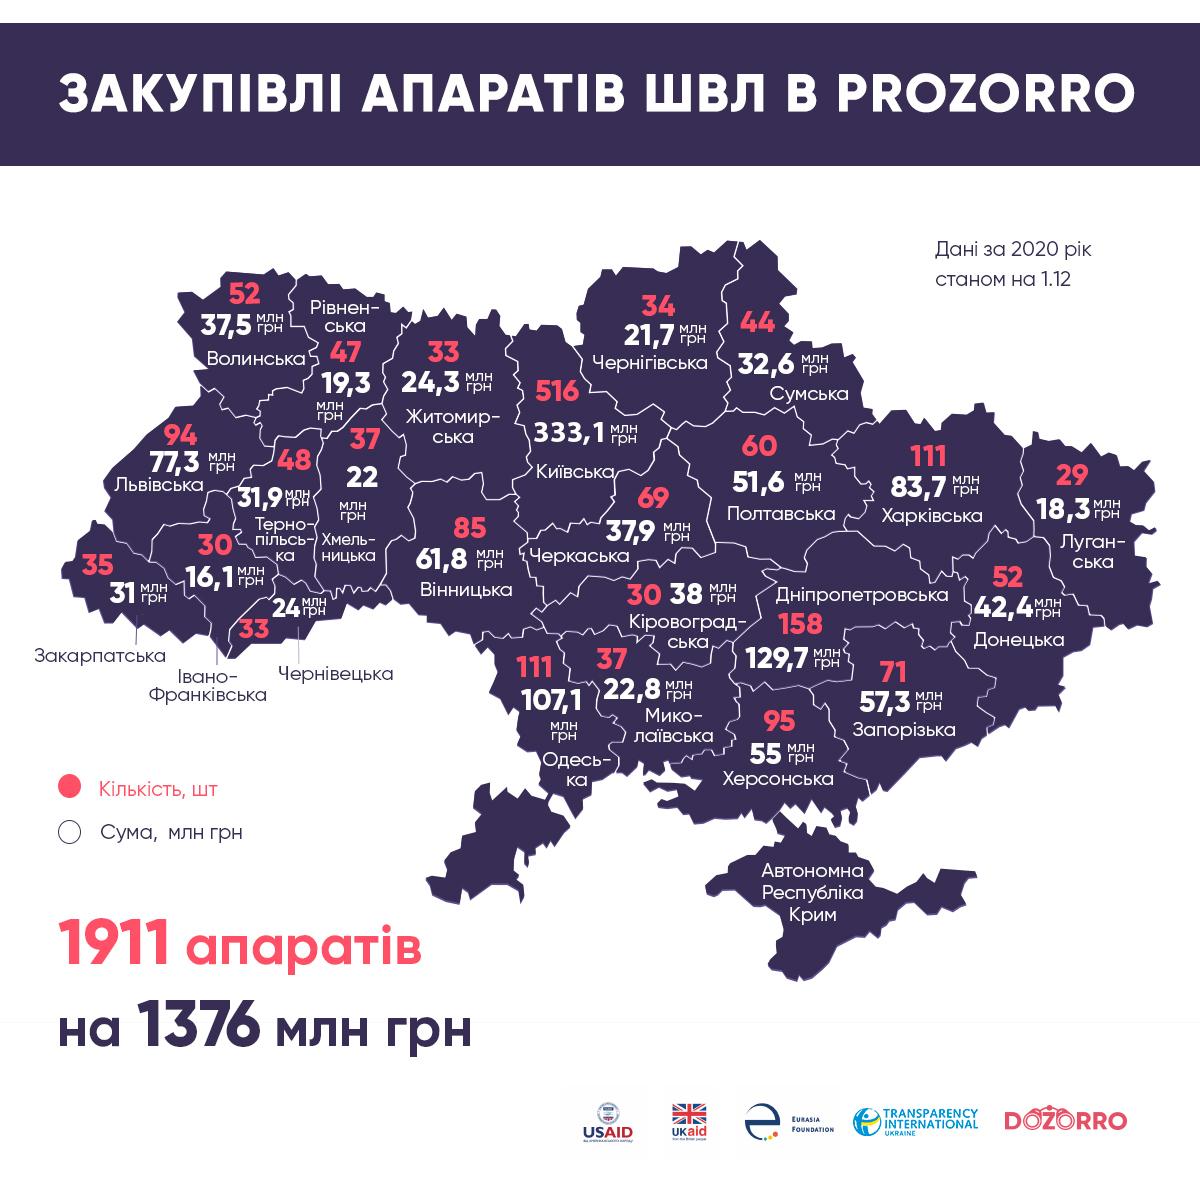 Исследование: Одесская область через сайт госзакупок приобрела 111 аппартов ИВЛ